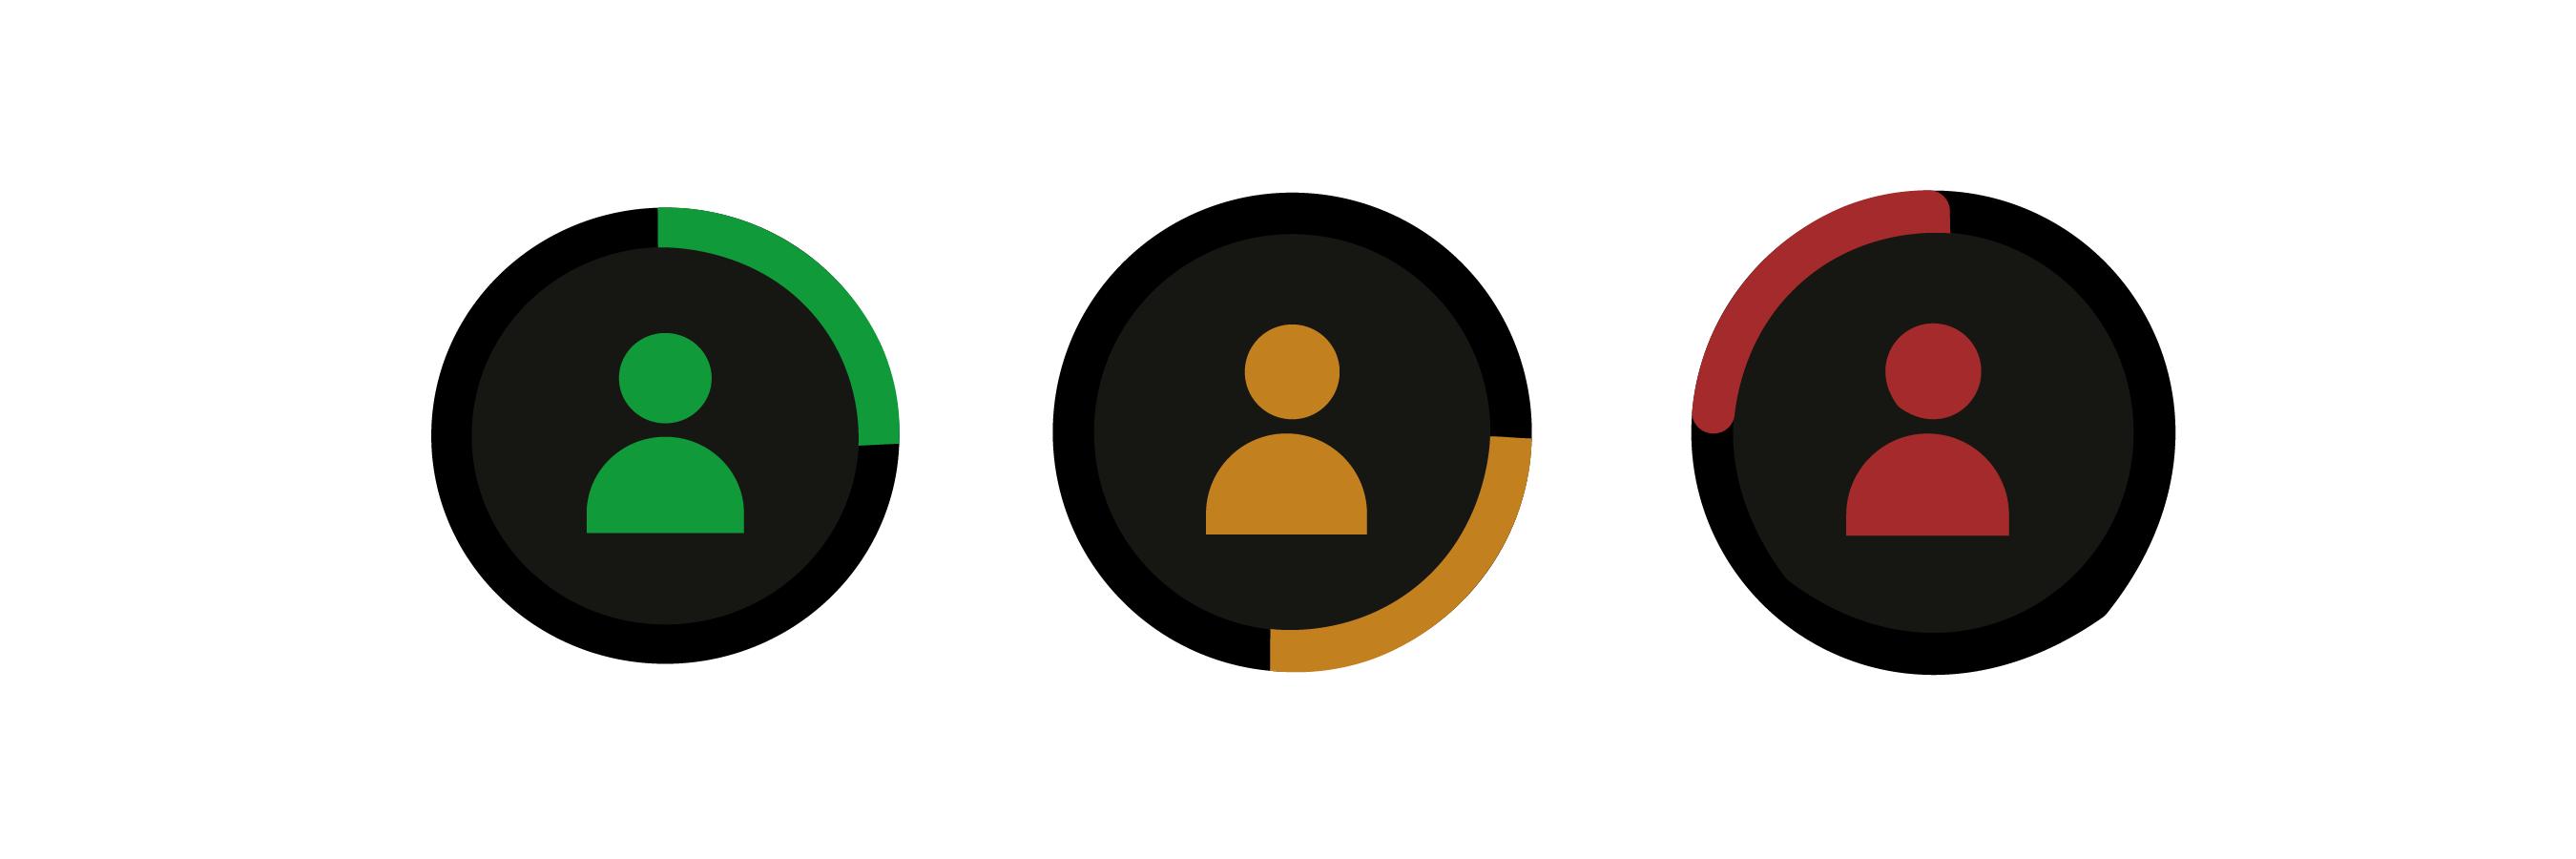 3 Runde Anzeigen, die in verschiedenen Richtungen farbige Ränder haben. Links: Grüner Streifen oben rechts. Mitte: Orangener Streifen unten rechts. Links: Roter streifen oben links